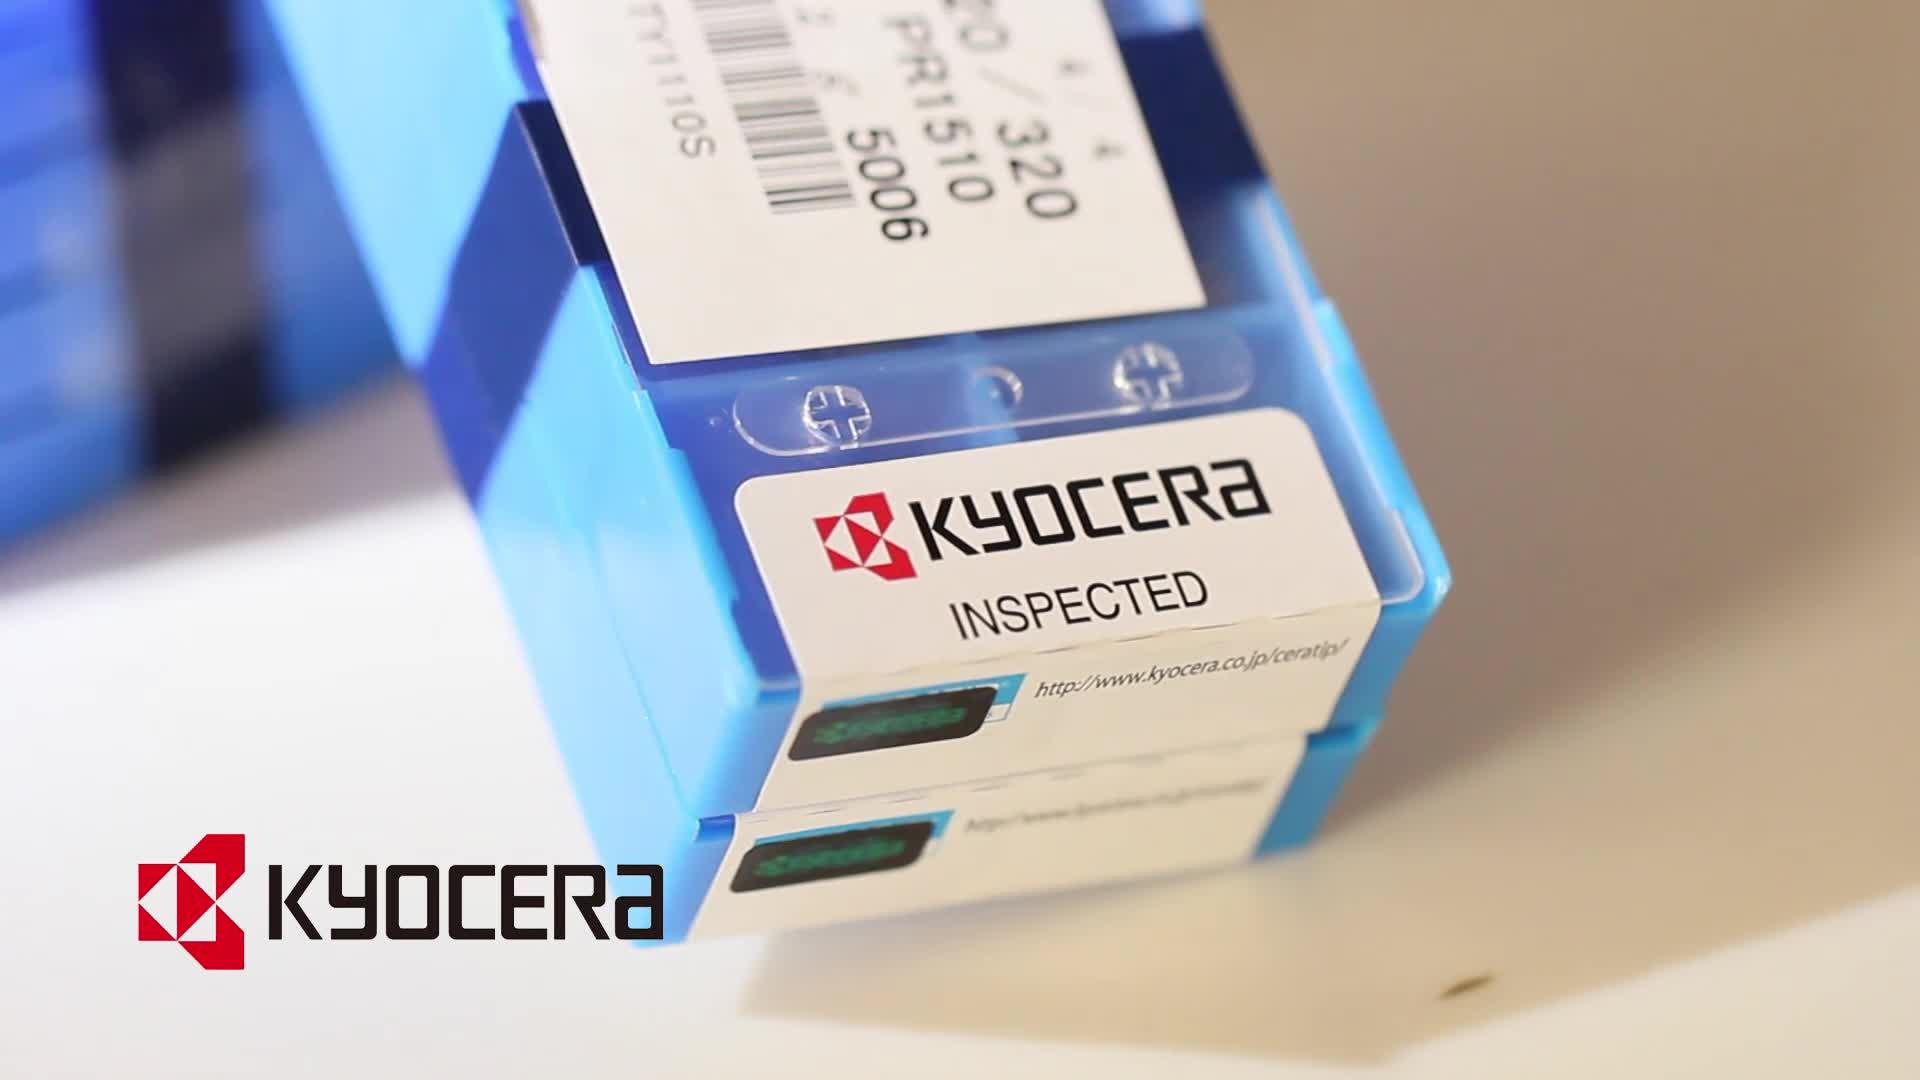 מקורי kyocera מכונה מחרטת כלים הפיכת להכניס לפרידה וחיתוך